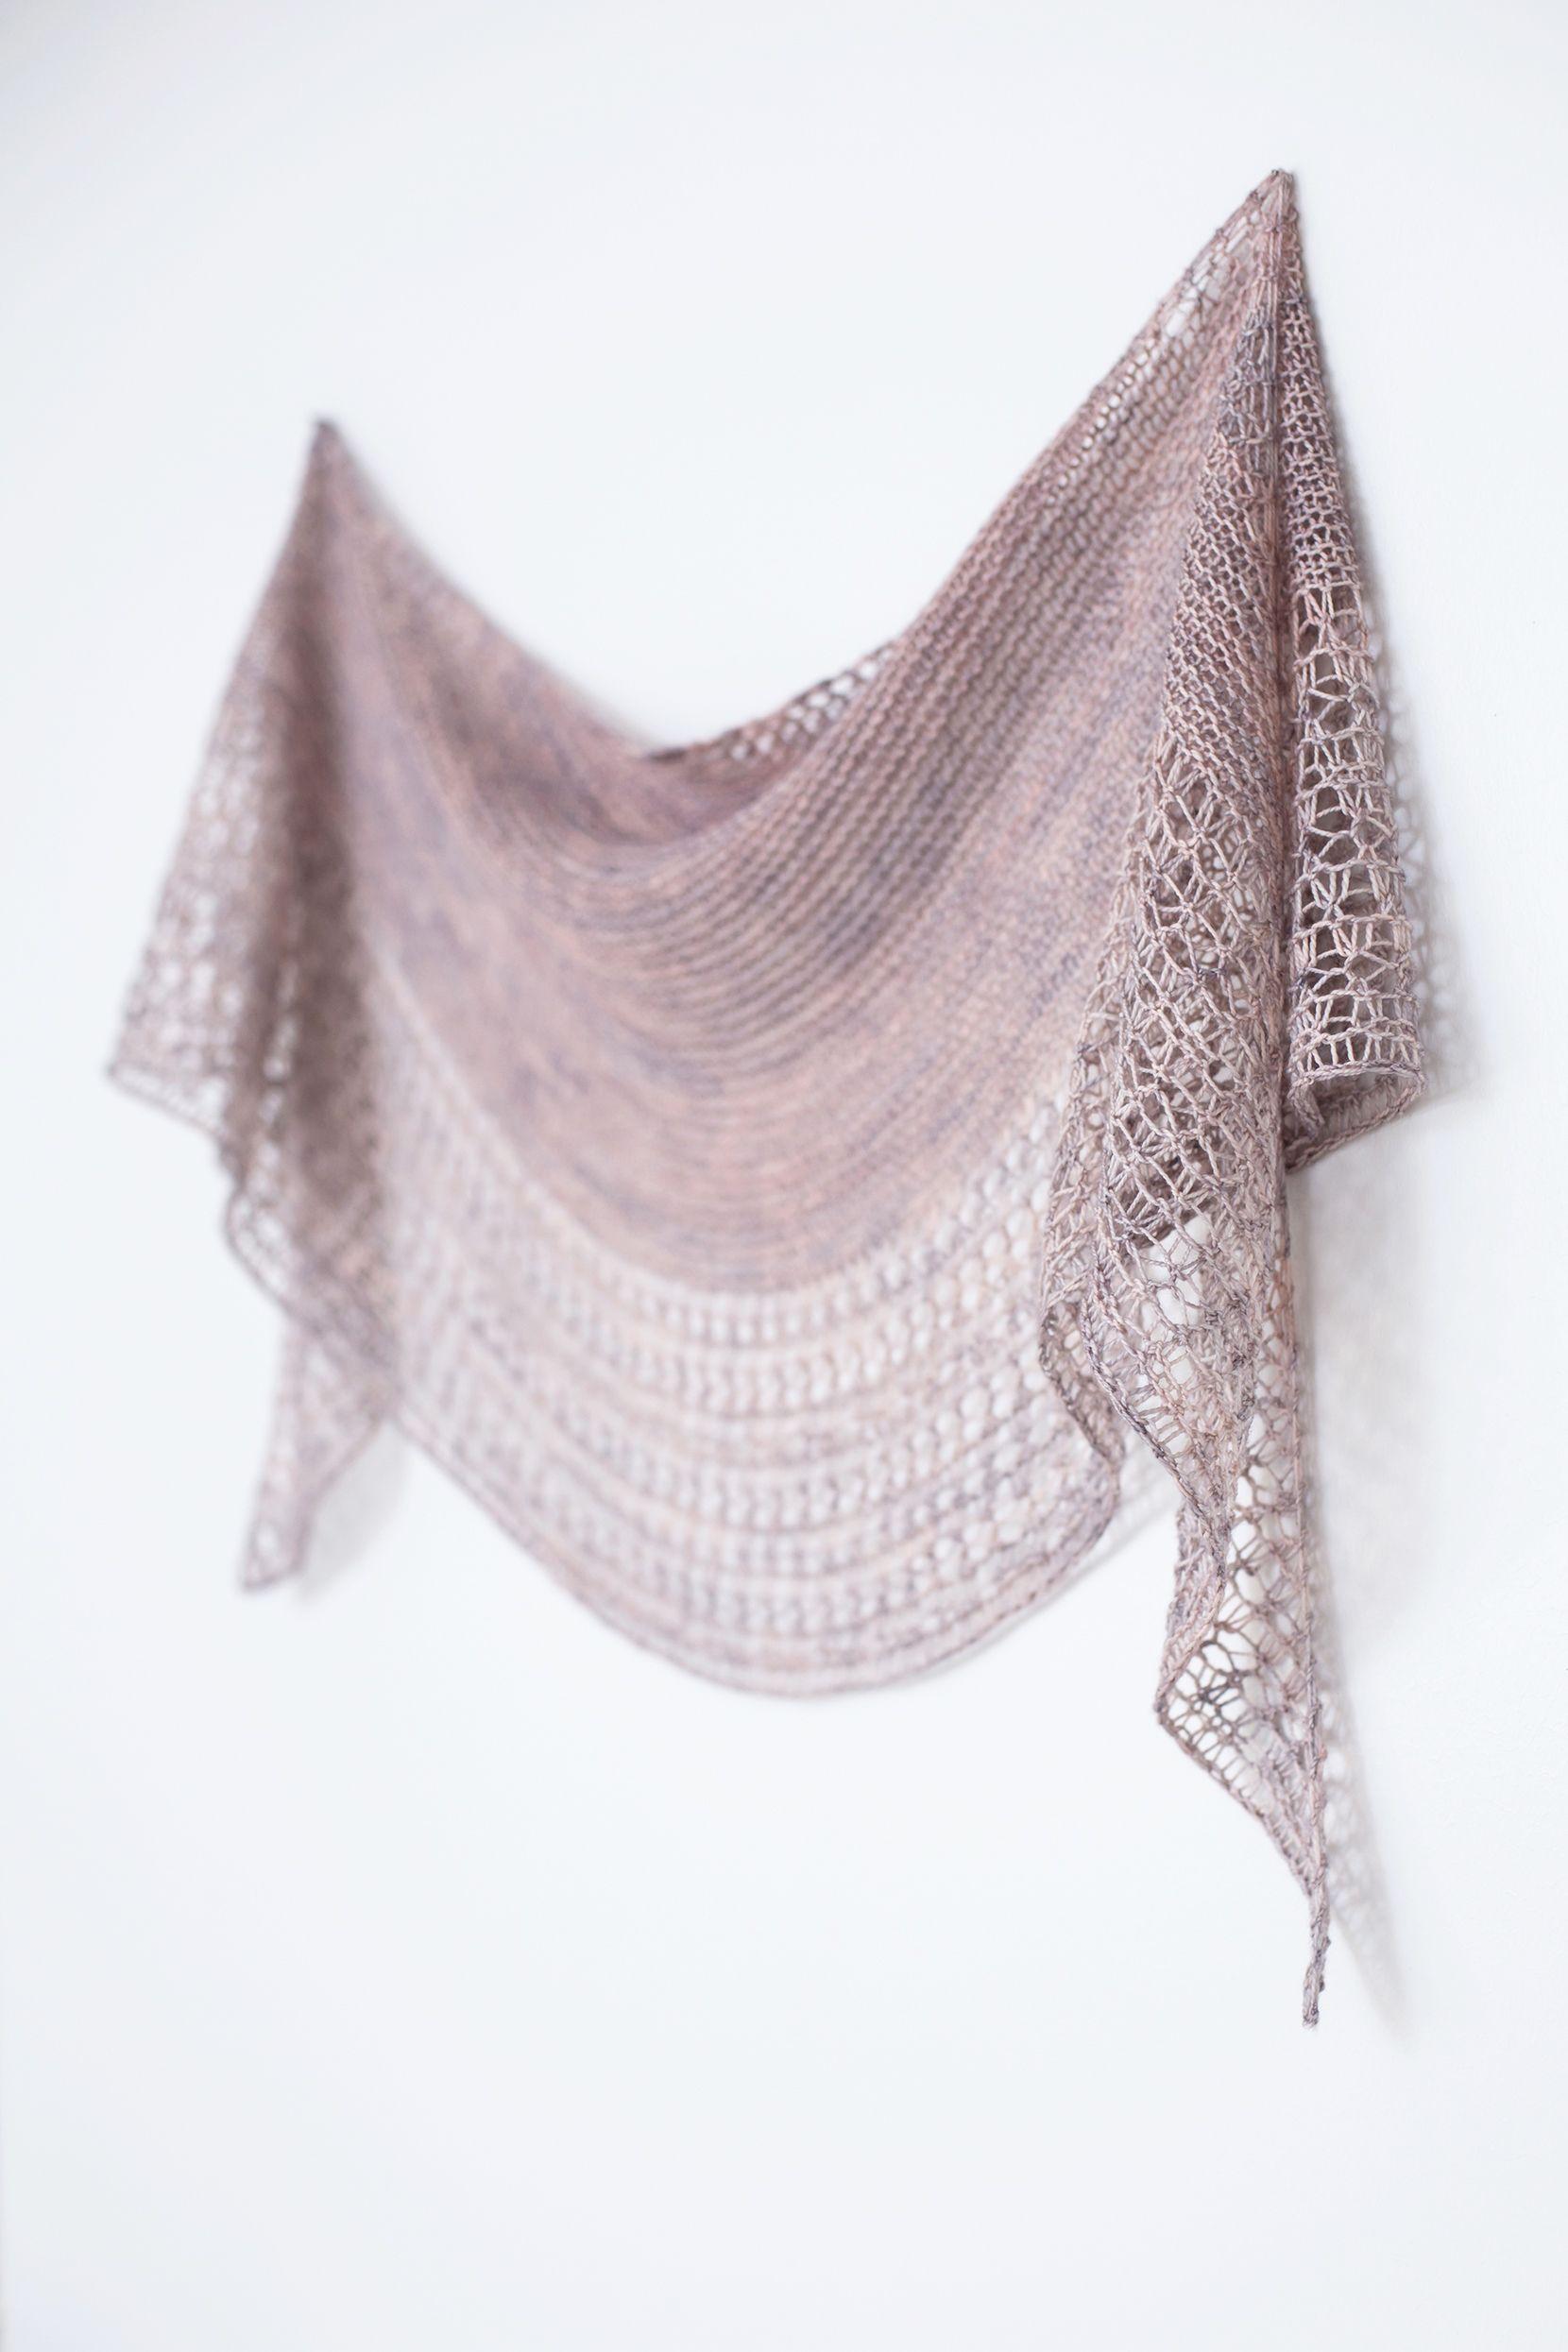 Rosewater pattern by Janina Kallio | Janina Kallio | Pinterest ...